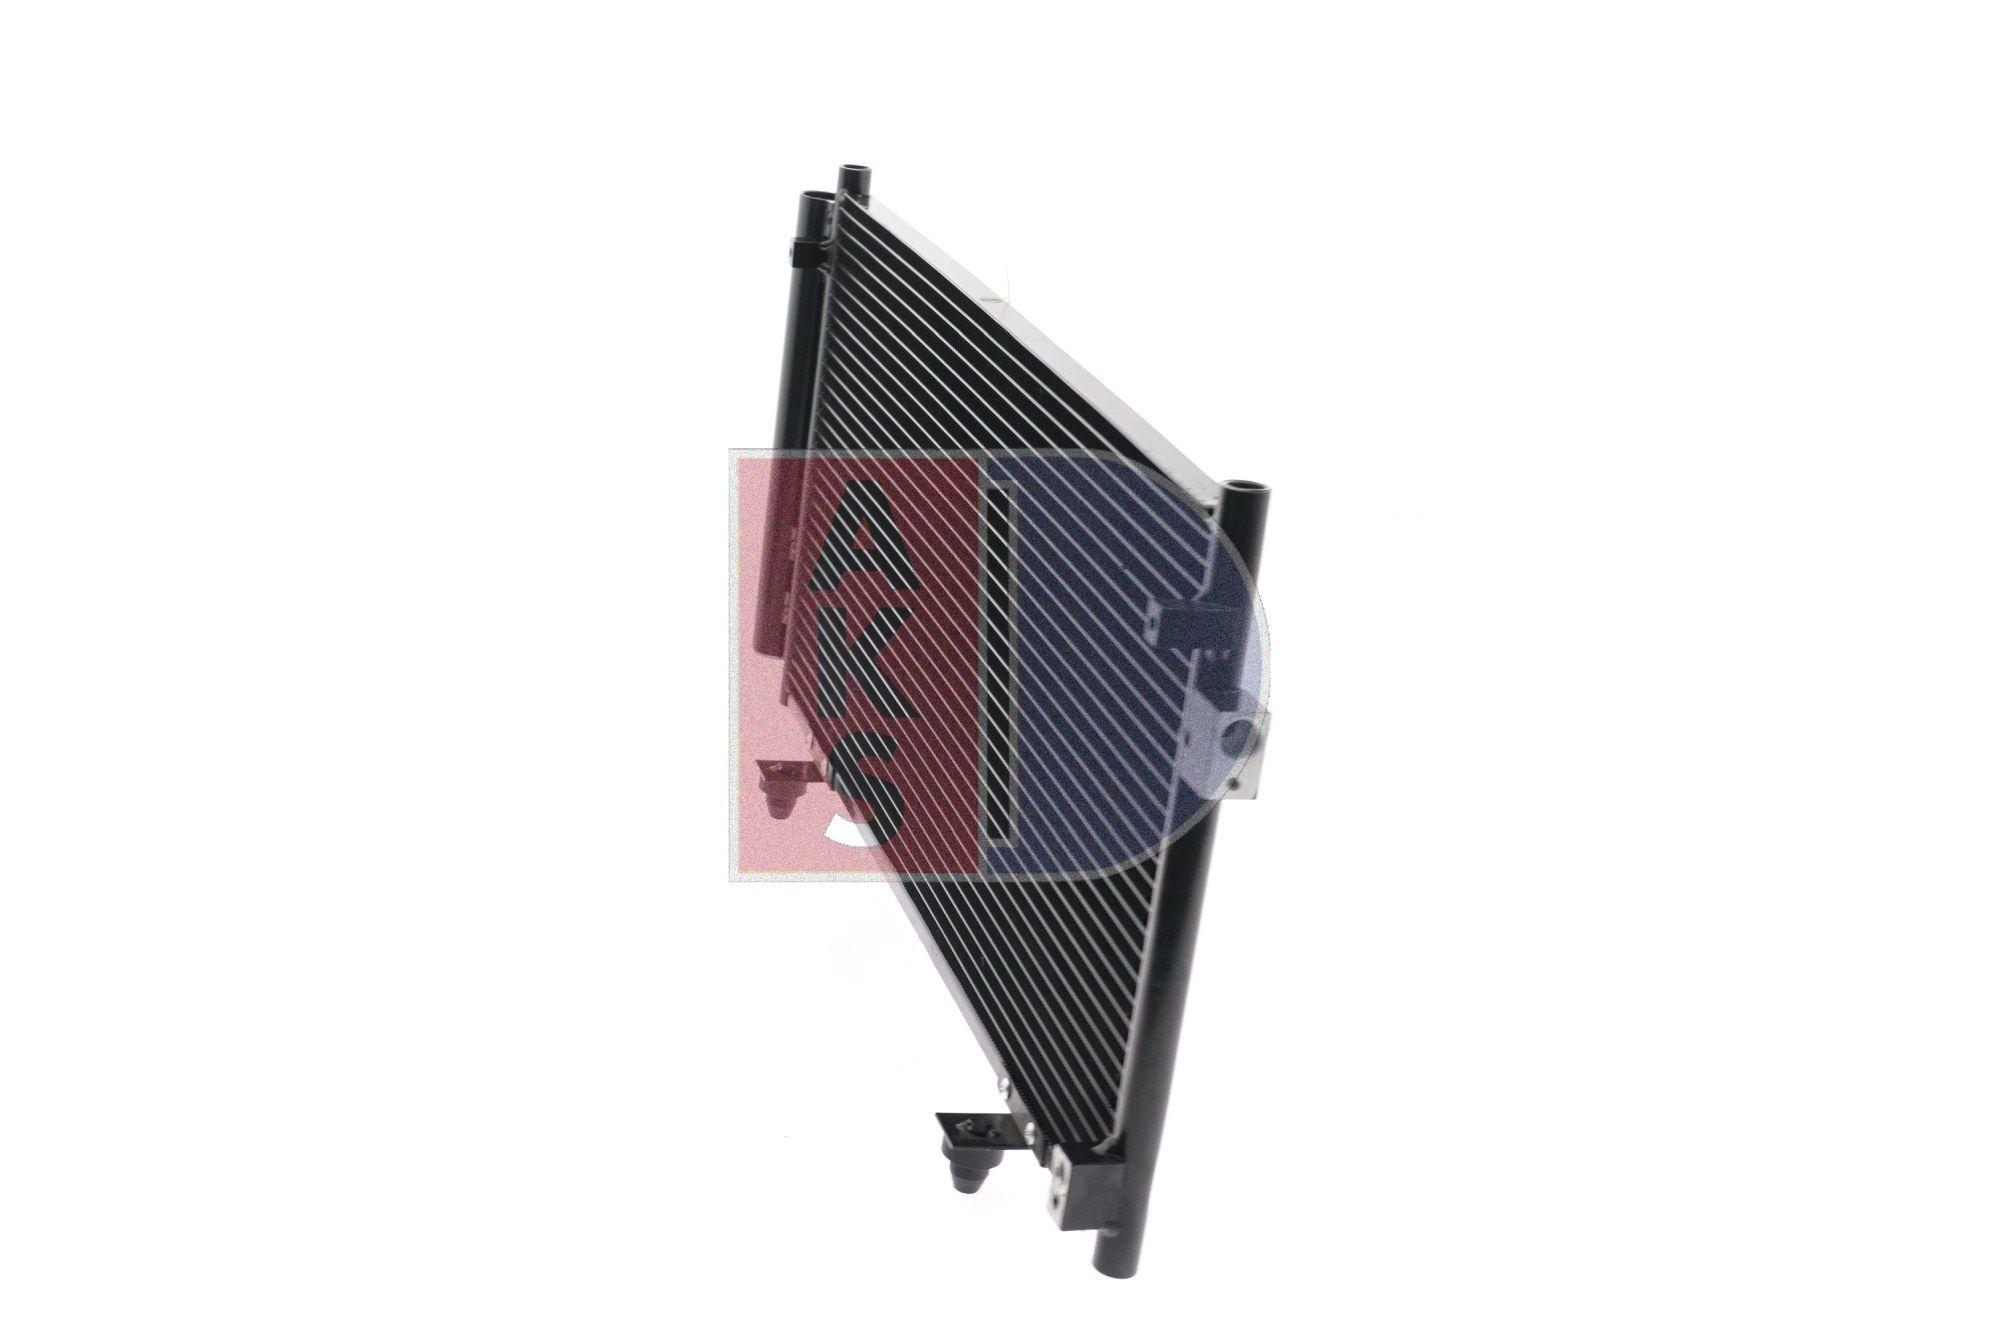 Kondensator Klimaanlage AKS DASIS 352015N Erfahrung